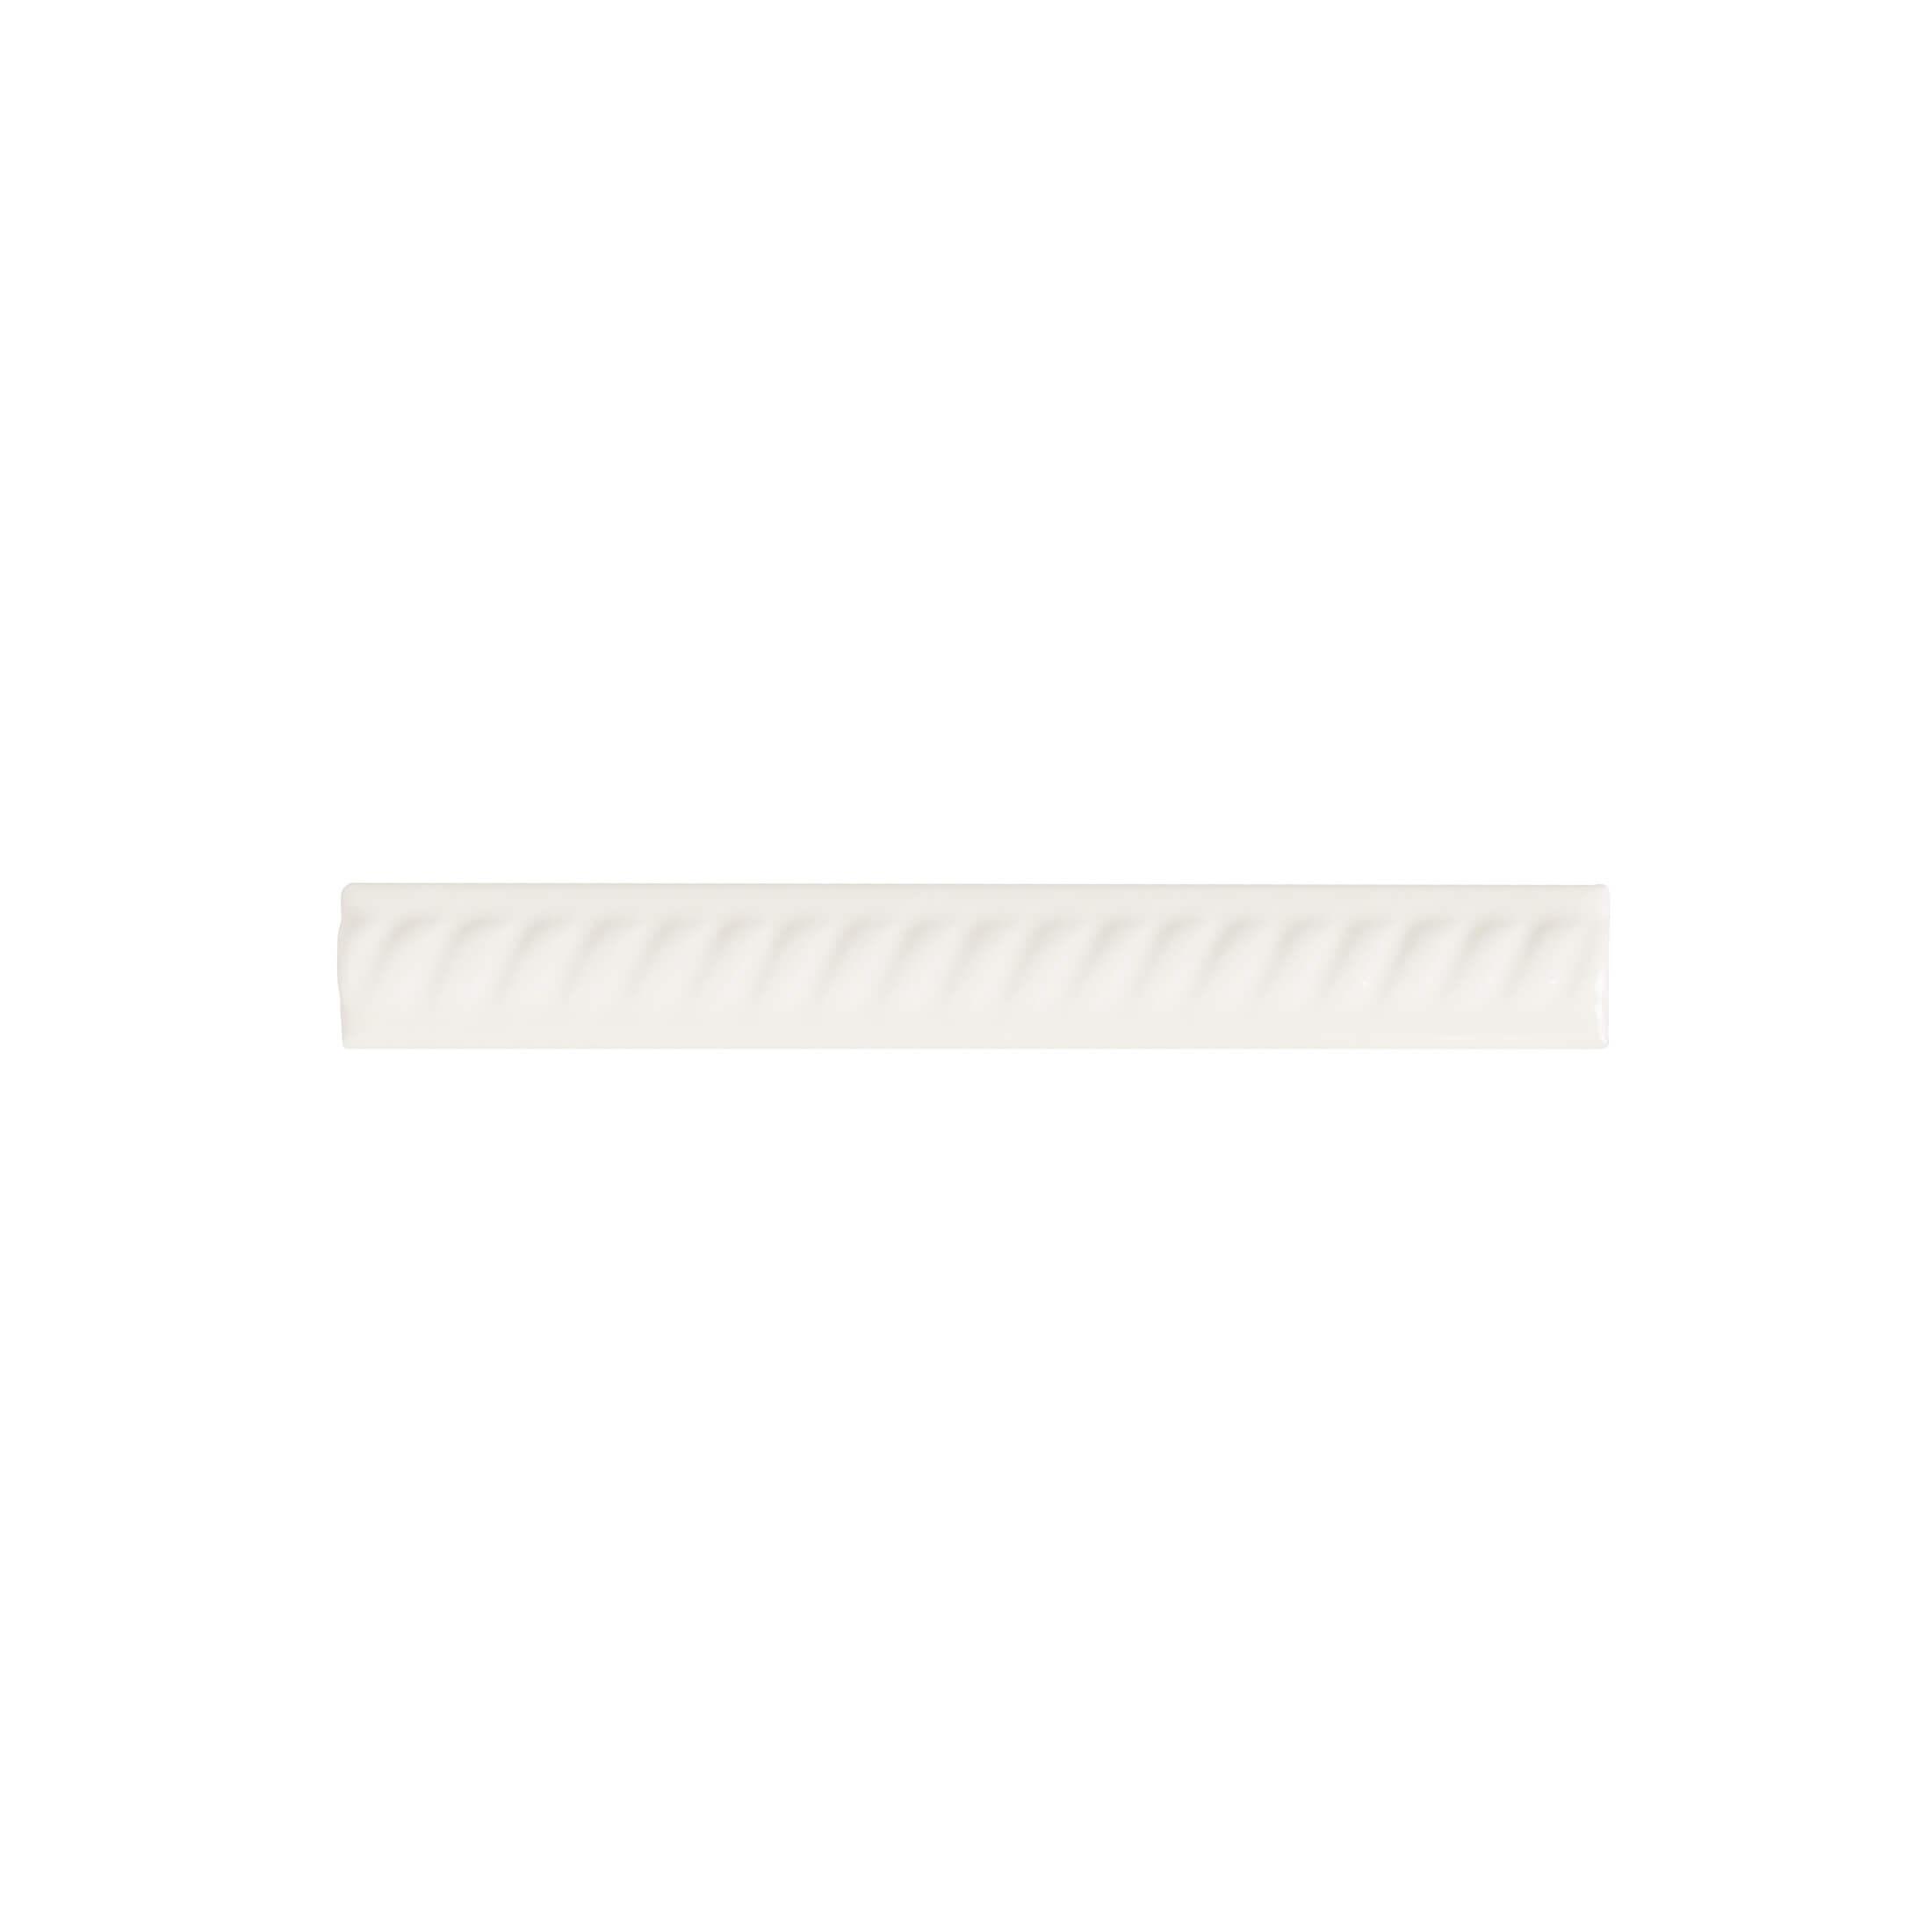 ADNE5175 - TRENZA PB - 2.5 cm X 20 cm